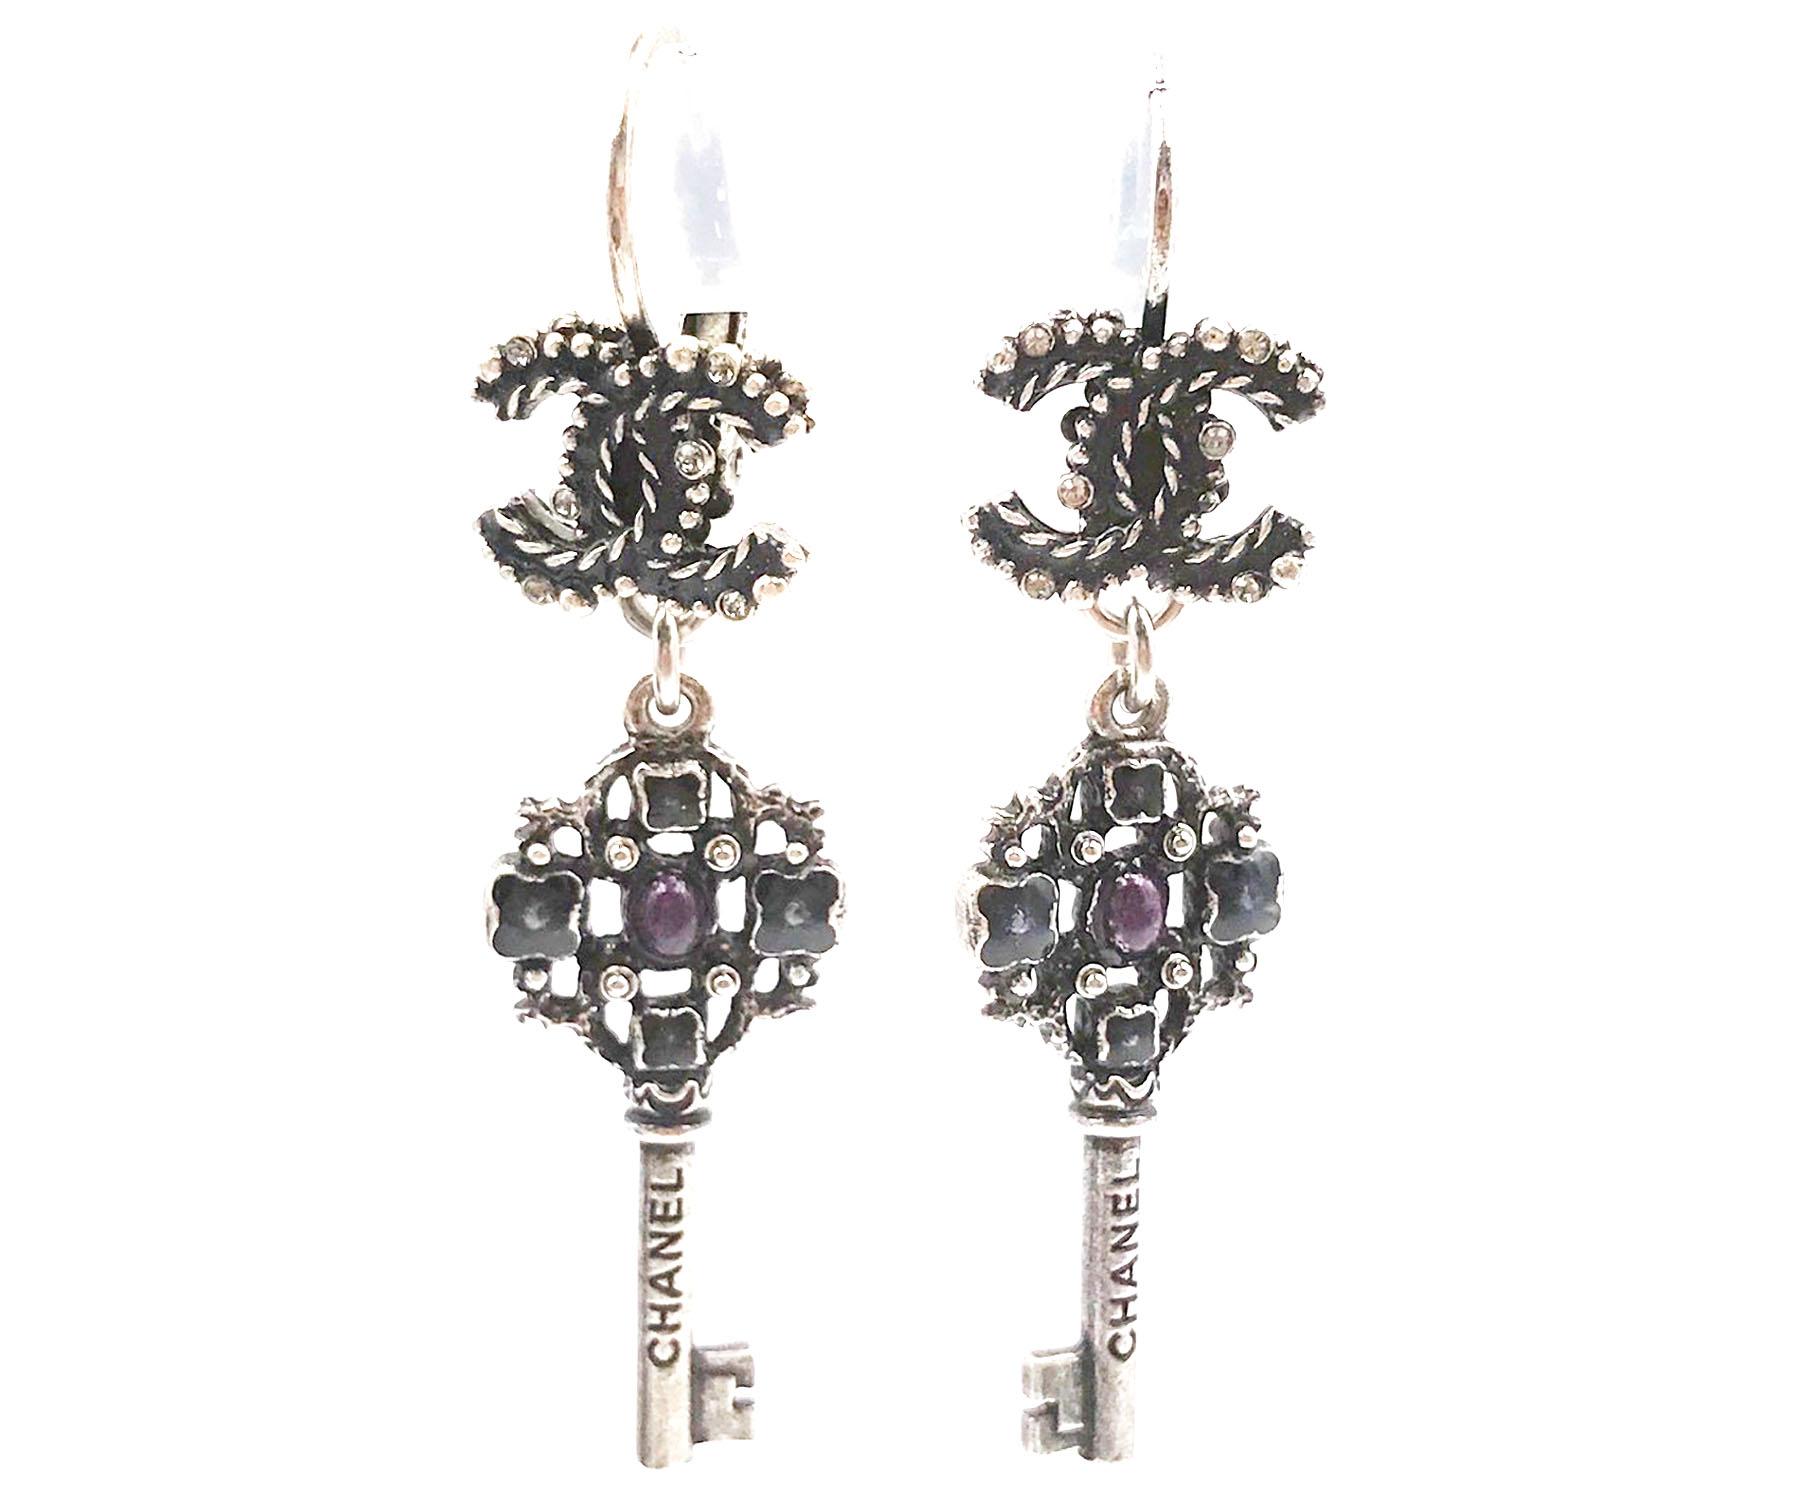 Chanel Brand New Gunmetal Cc Key Piercing Earrings